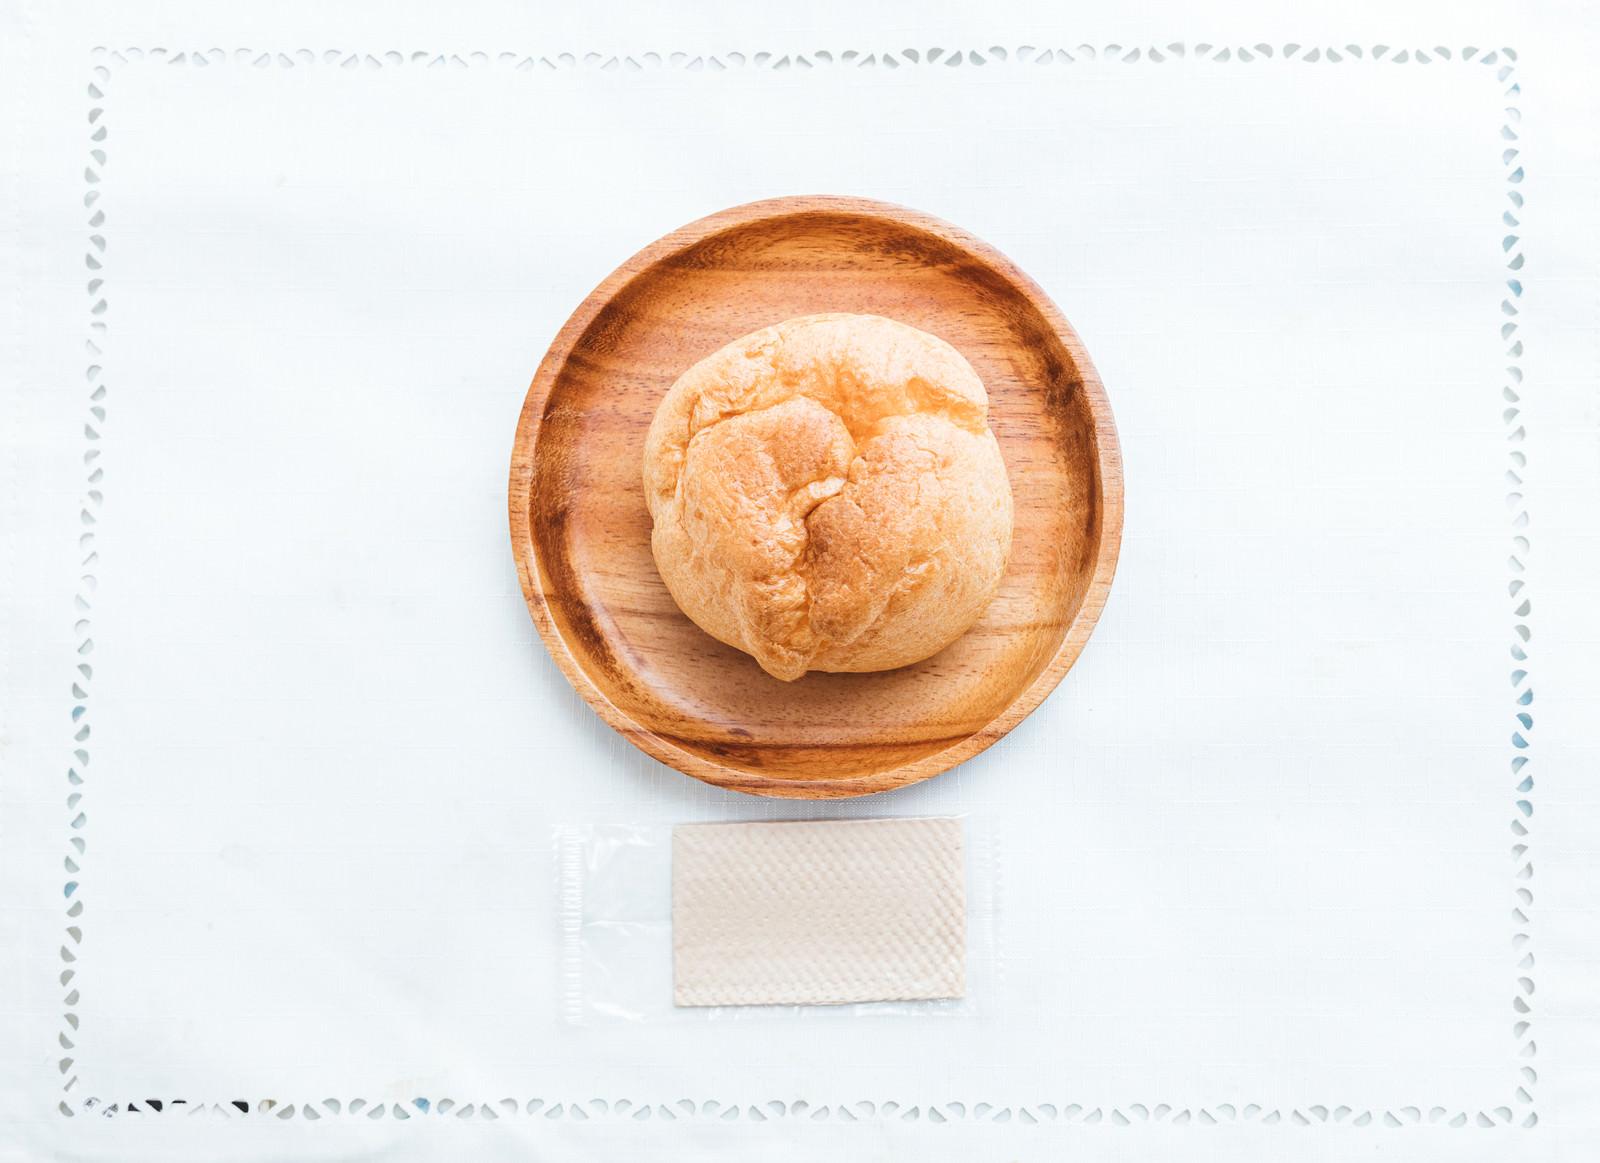 「おやつにシュークリーム」の写真